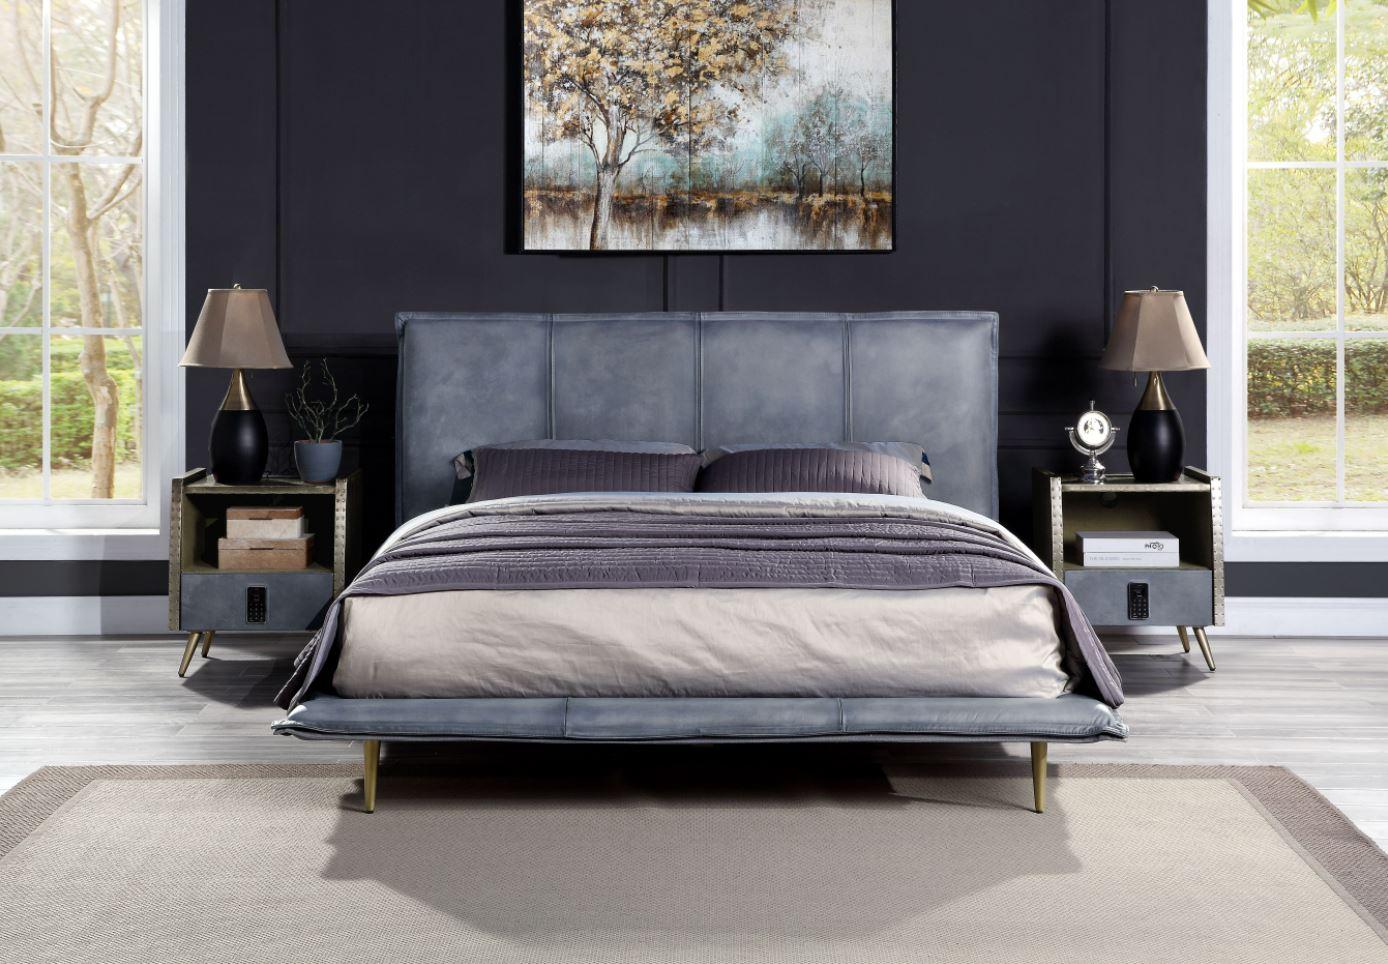 Gray Bed w/ Nightstands